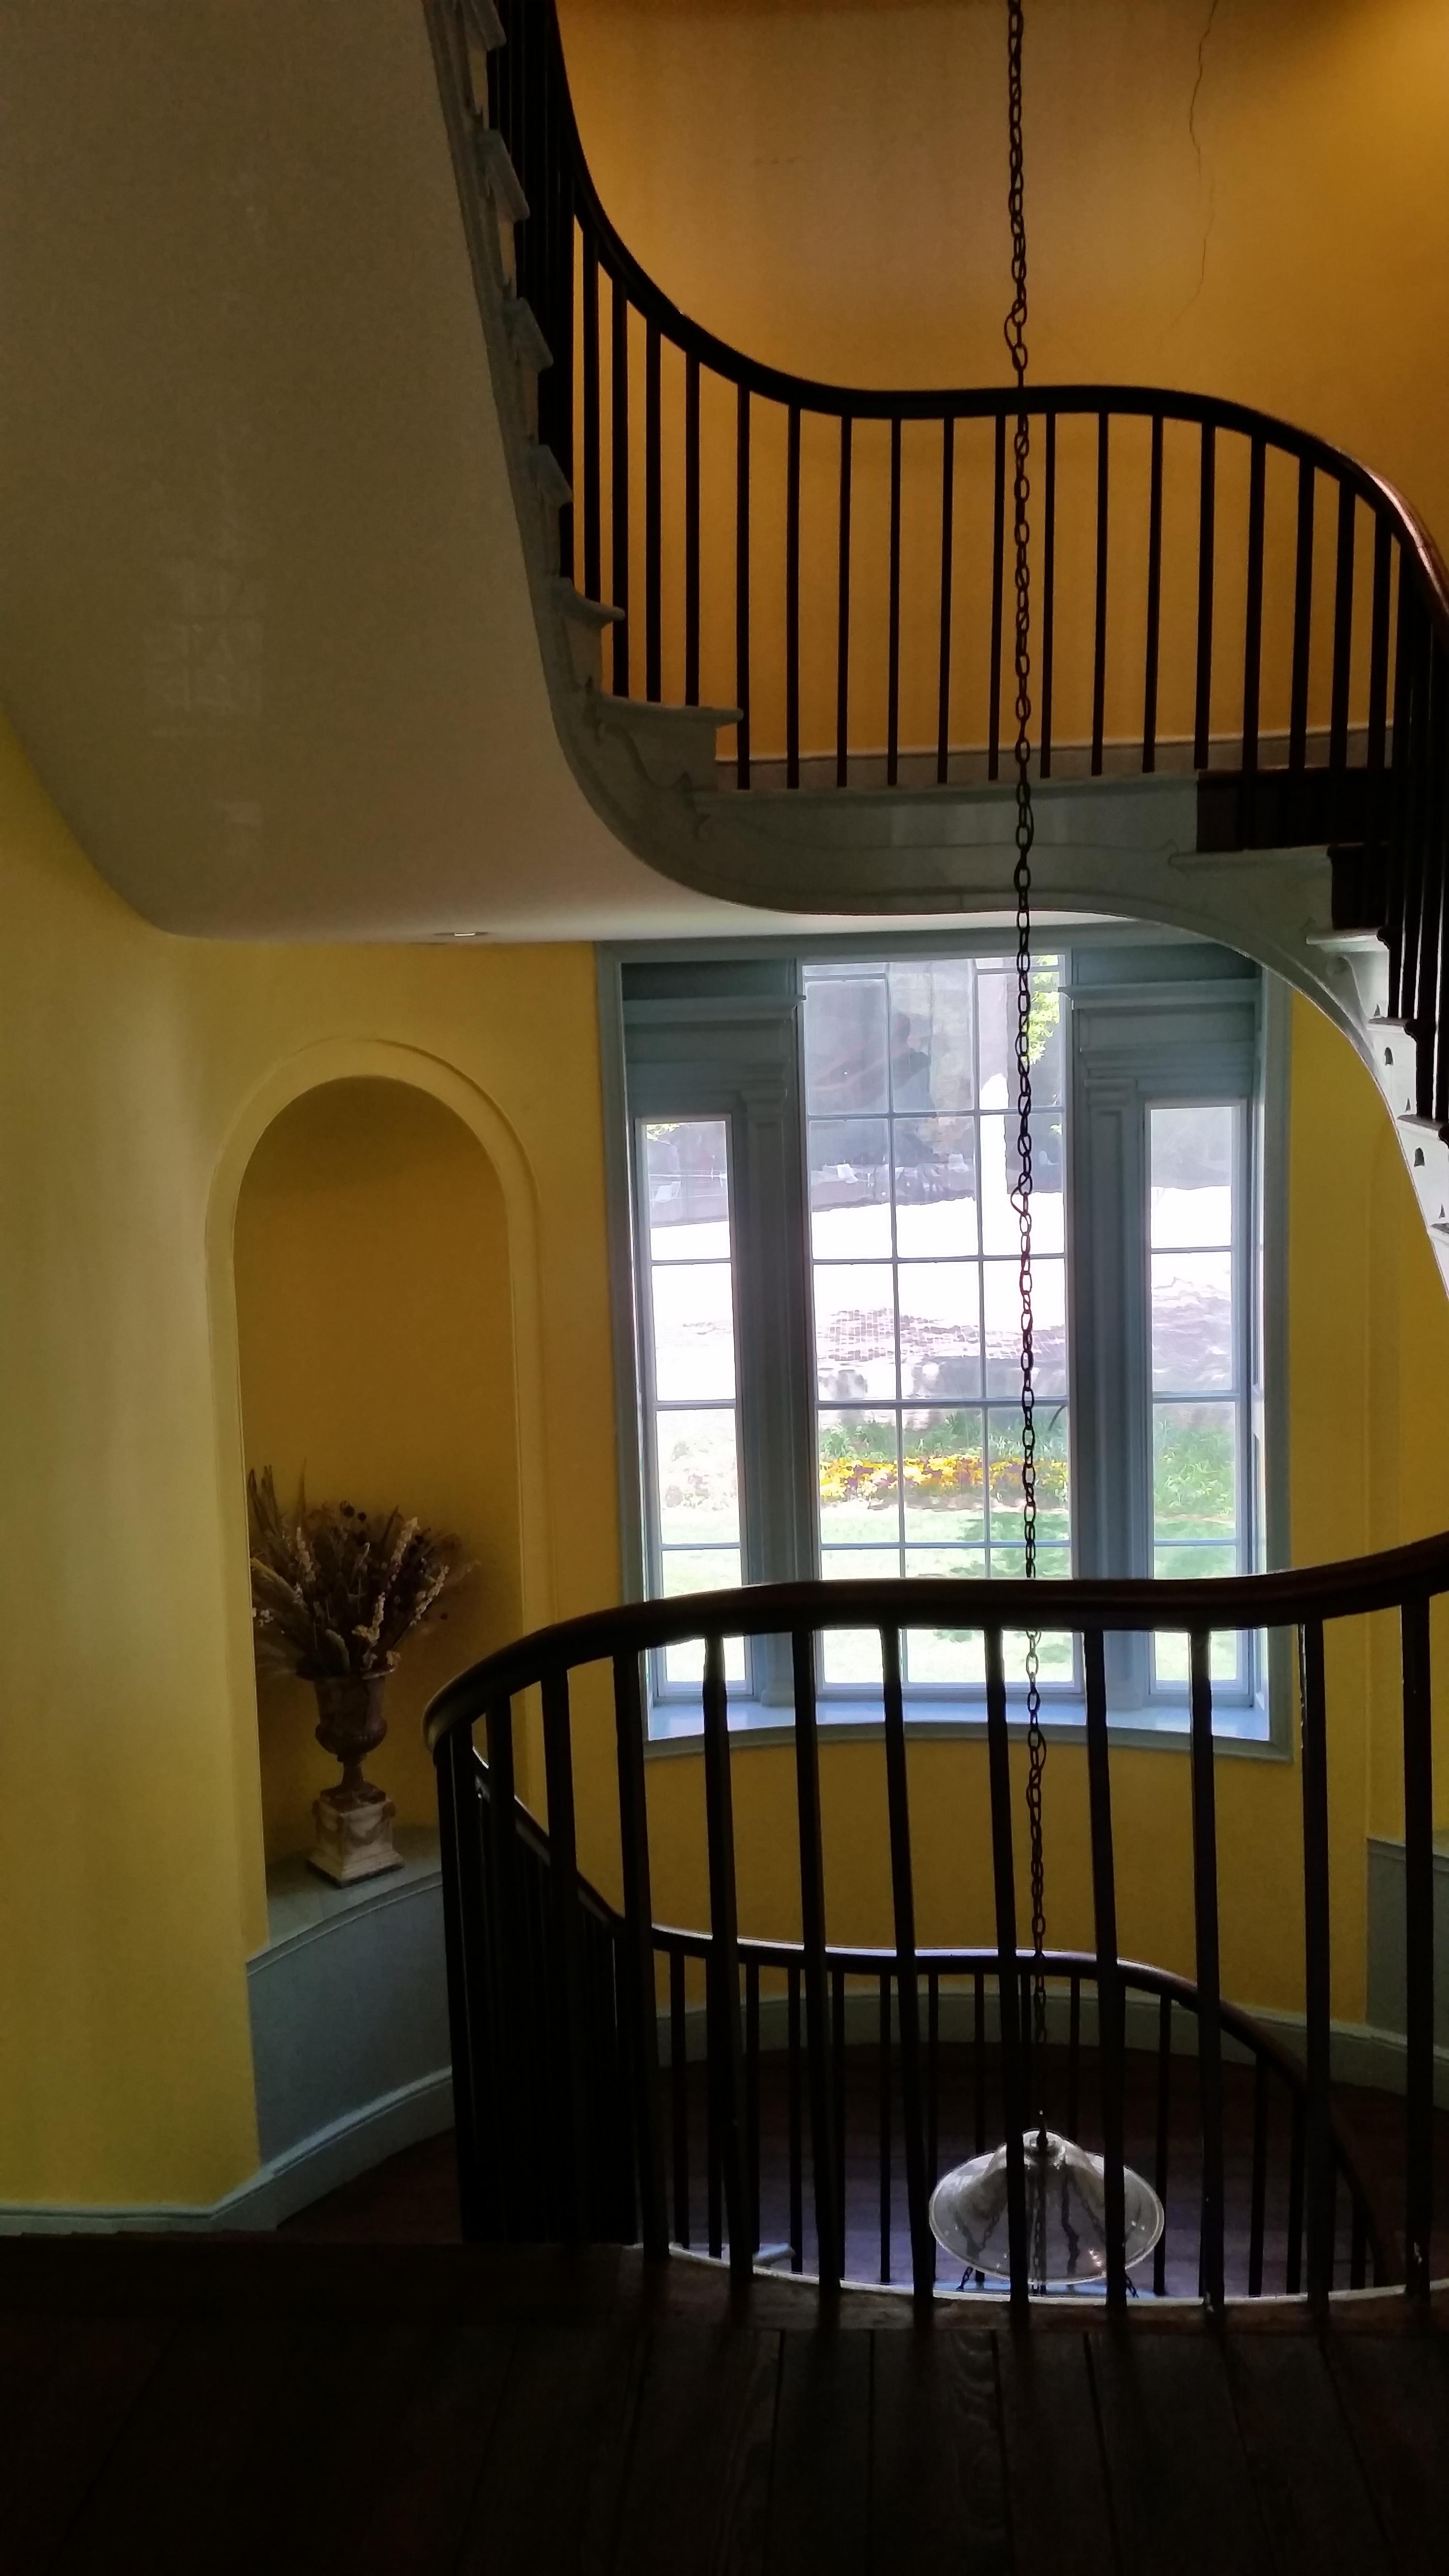 Stairway from second floor landing